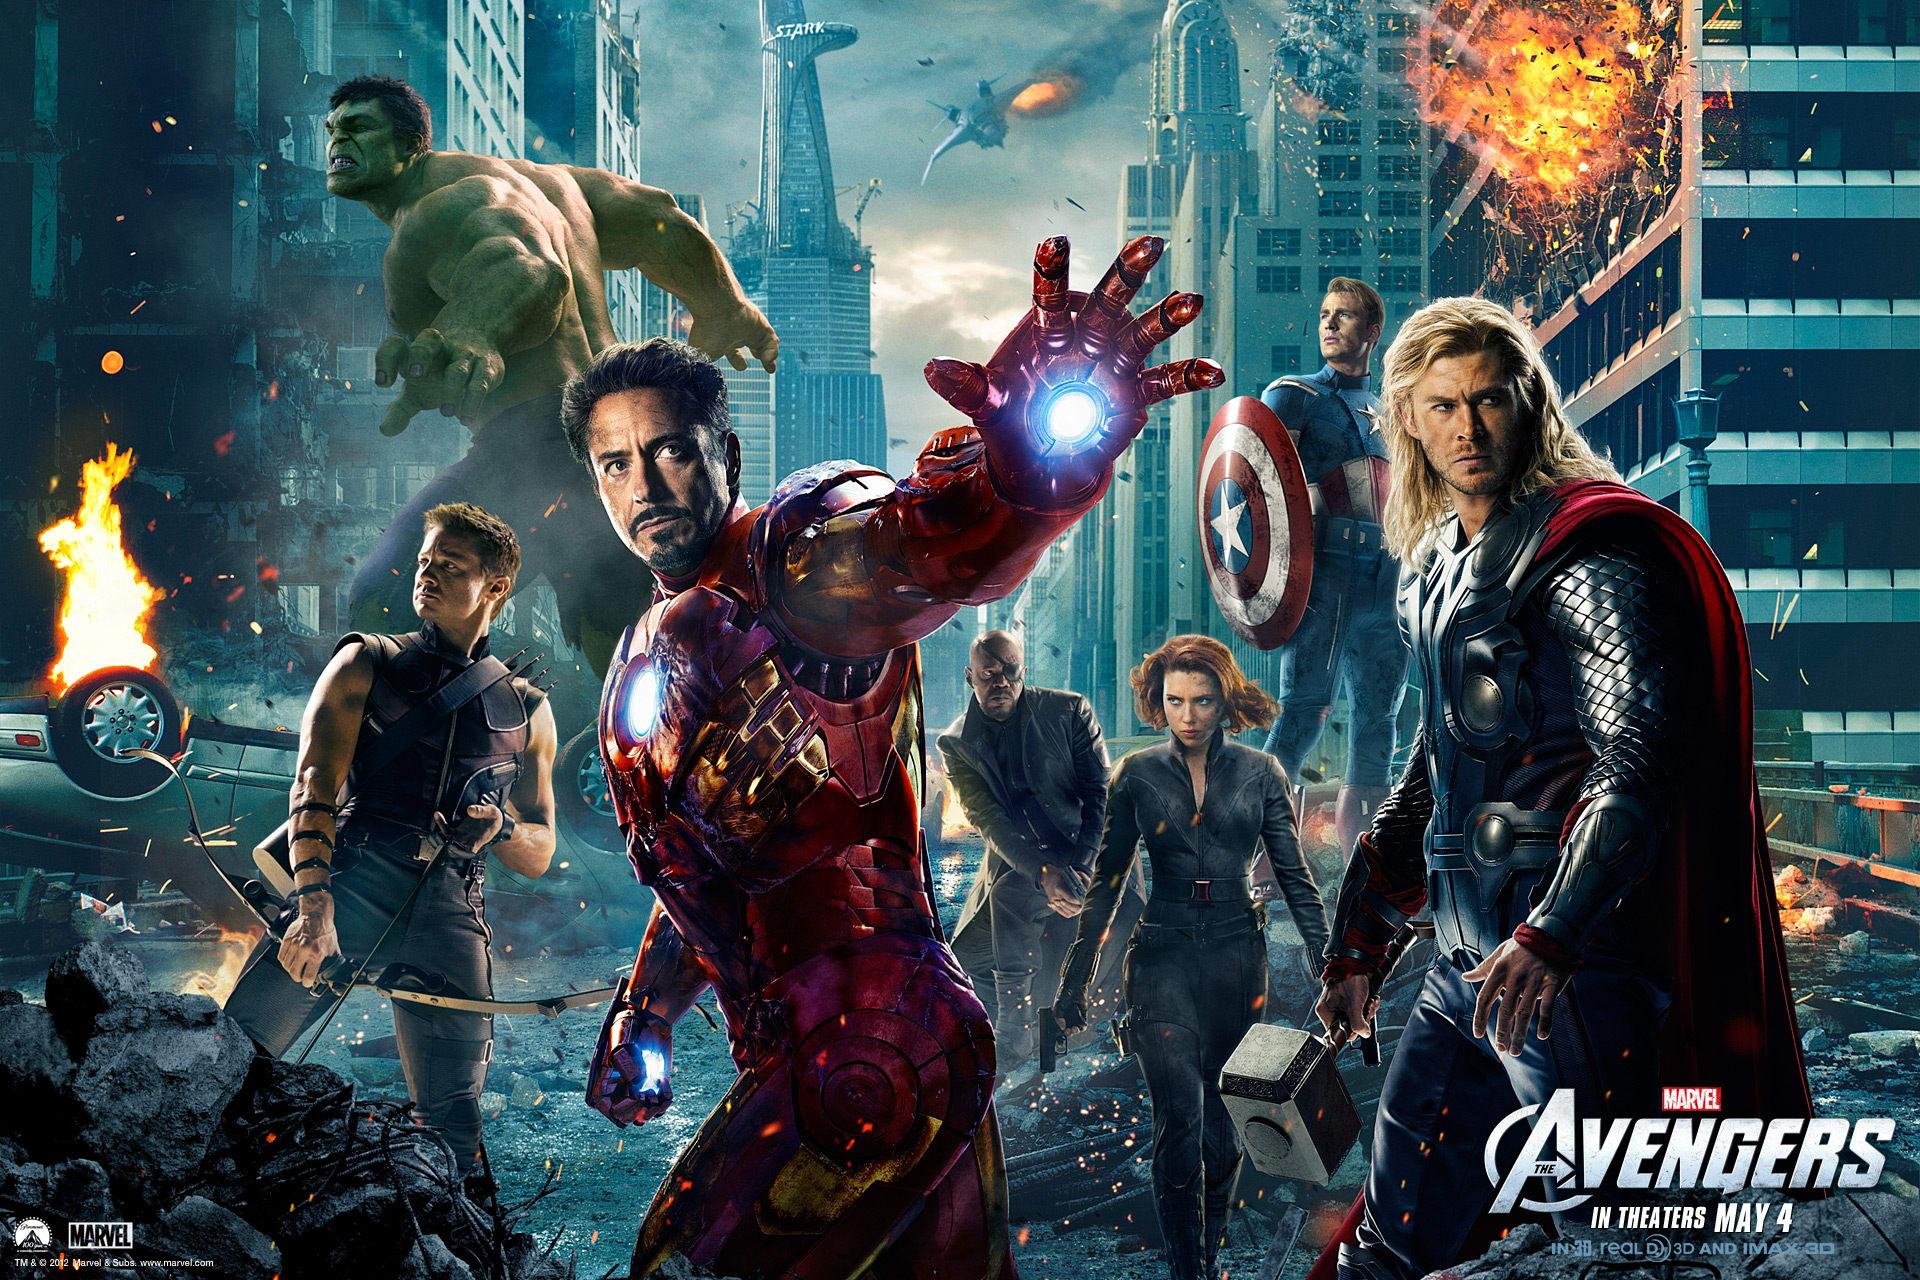 Marvel's The Avengers Wallpaper